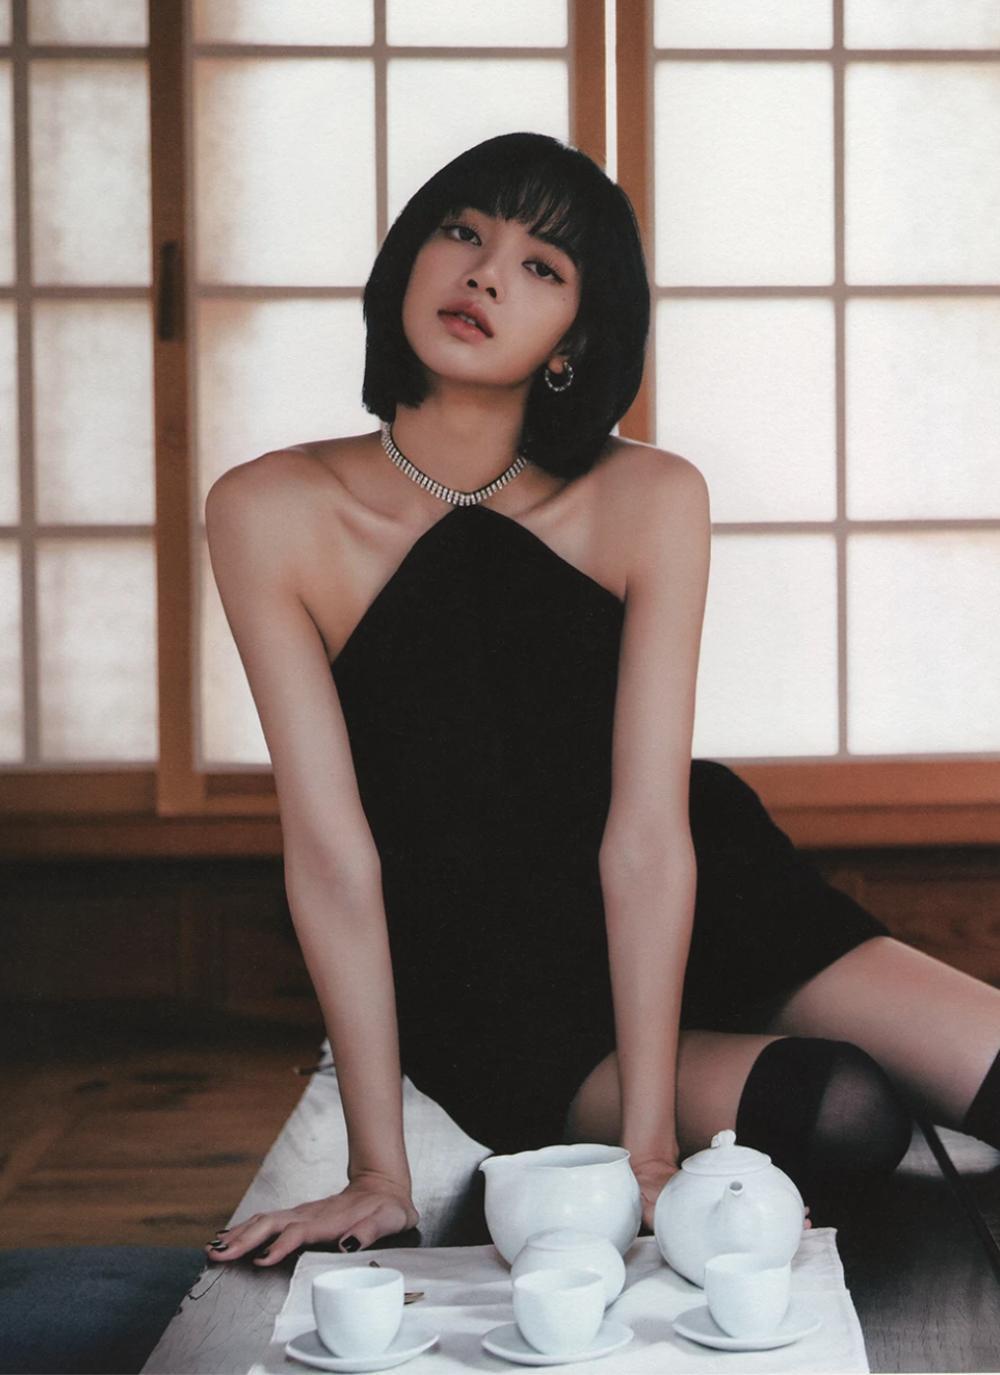 'Bóc' giá trang phục của các cô gái BLACKPINK trong bộ ảnh 'Nhật kí mùa hè 2020 tại Seoul' Ảnh 12